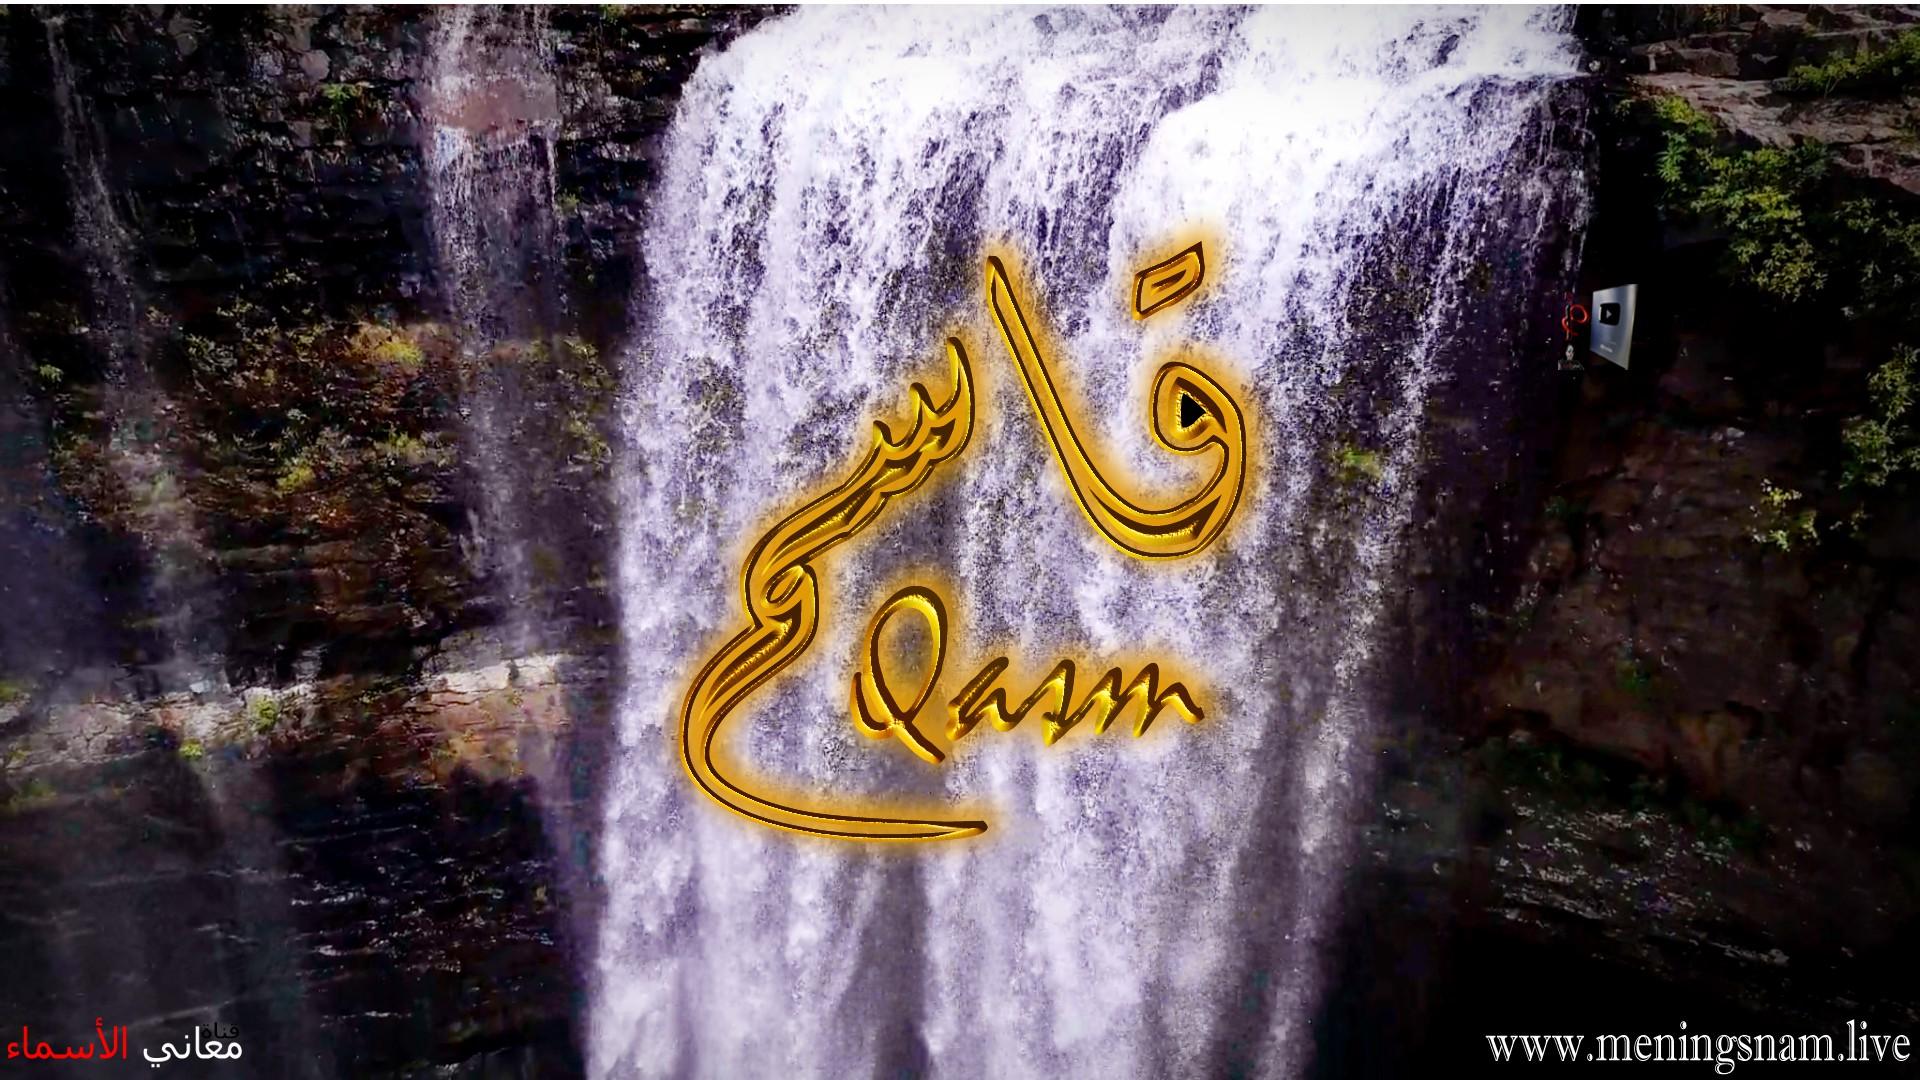 معنى اسم قاسم وصفات حامل هذا الاسم Qasem